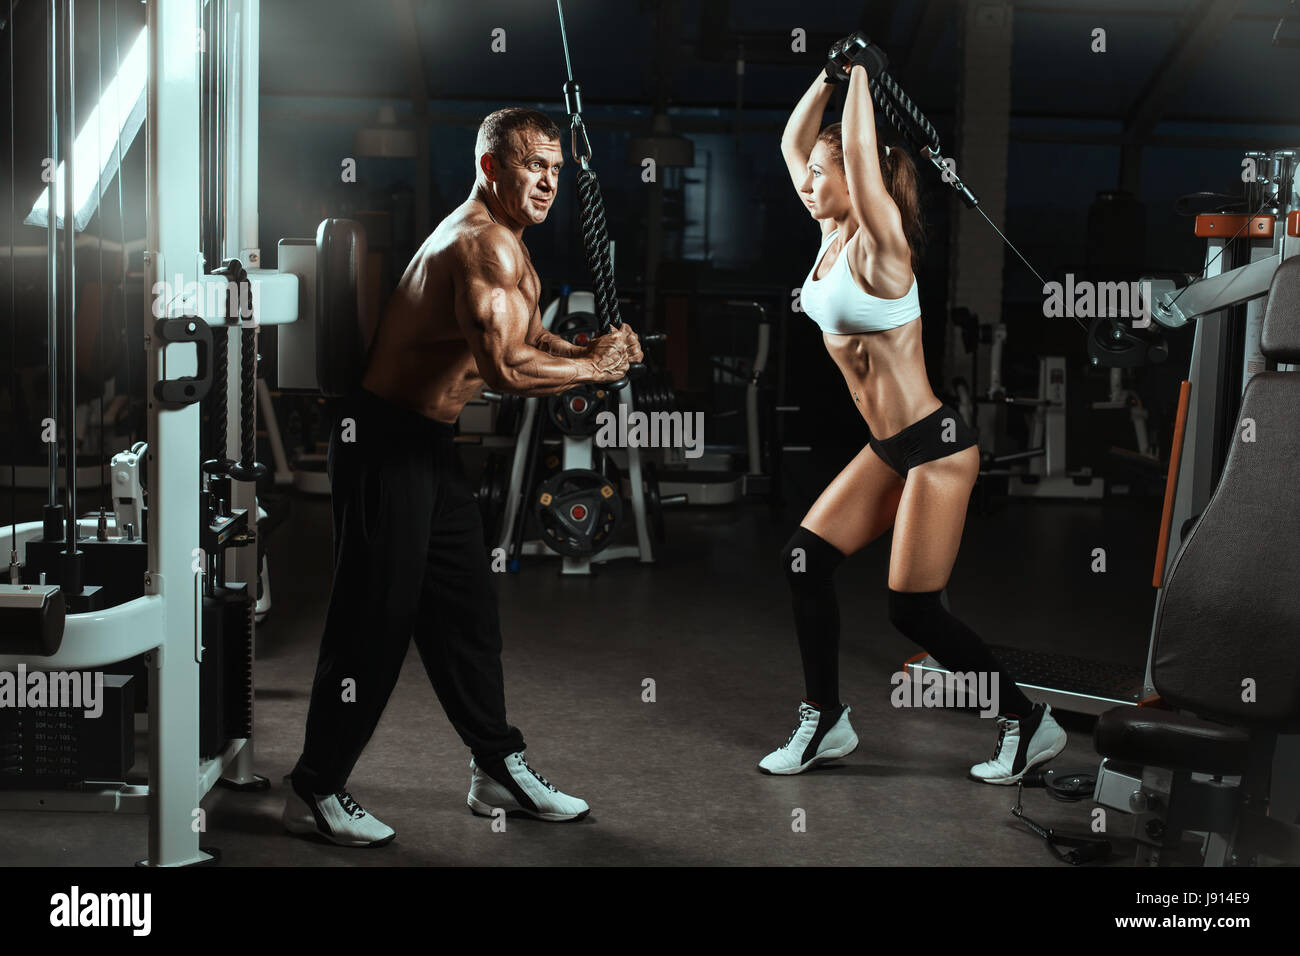 L uomo e la donna i muscoli allenati nella palestra. Si allenano con macchine per il bodybuilder. Immagini Stock